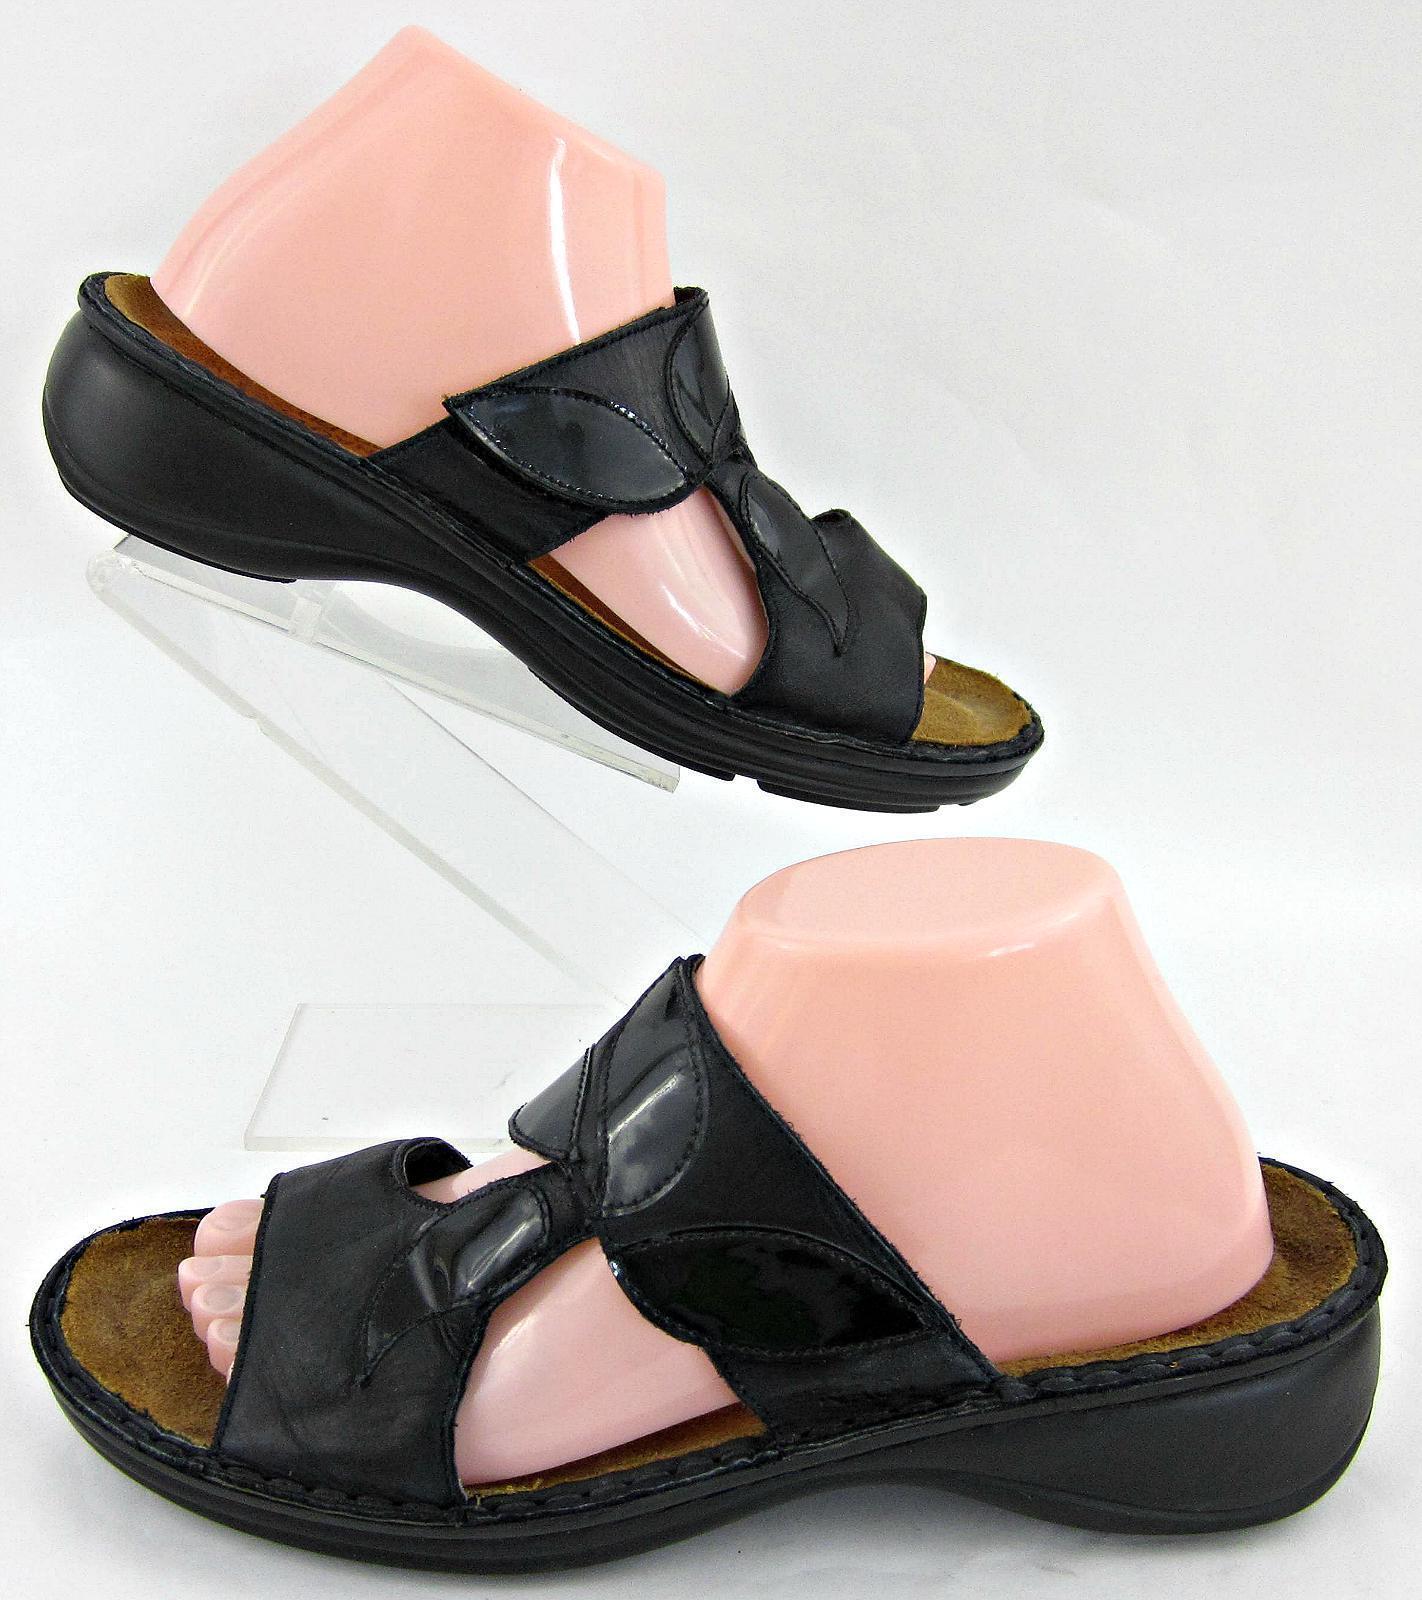 Naot Sandalias De Mujer De De De Diapositivas De Cuero Negro Gancho-n-Loop Vamp EU 41 US 10  venta